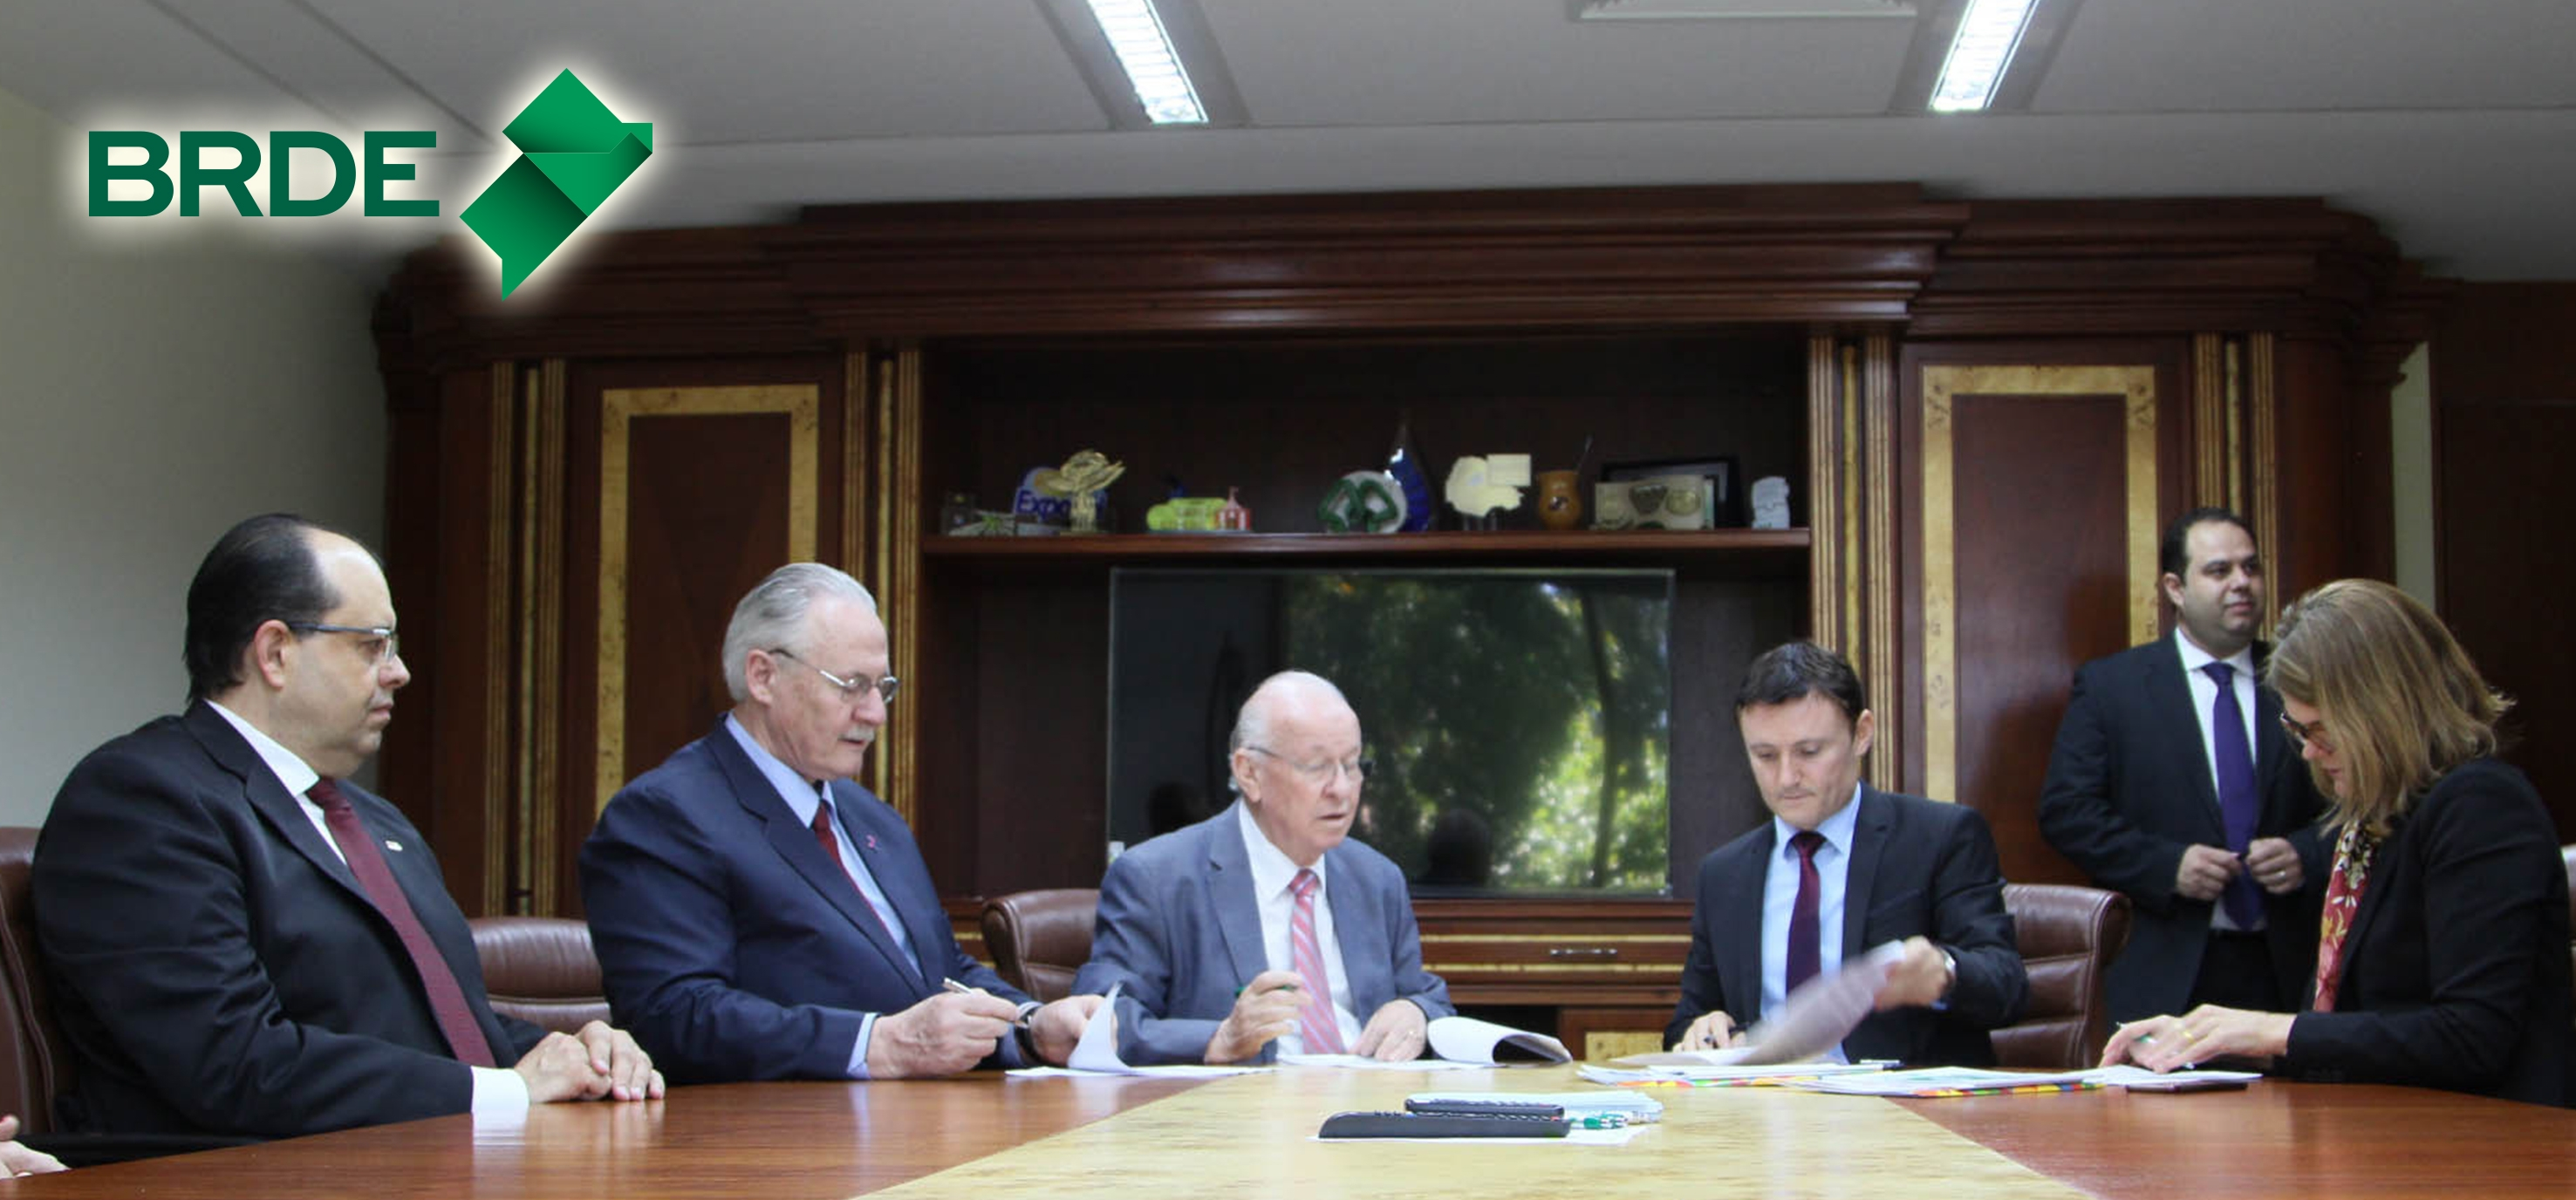 Acordo foi assinado na última semana, entre BRDE e ONU - Divulgação/BRDE